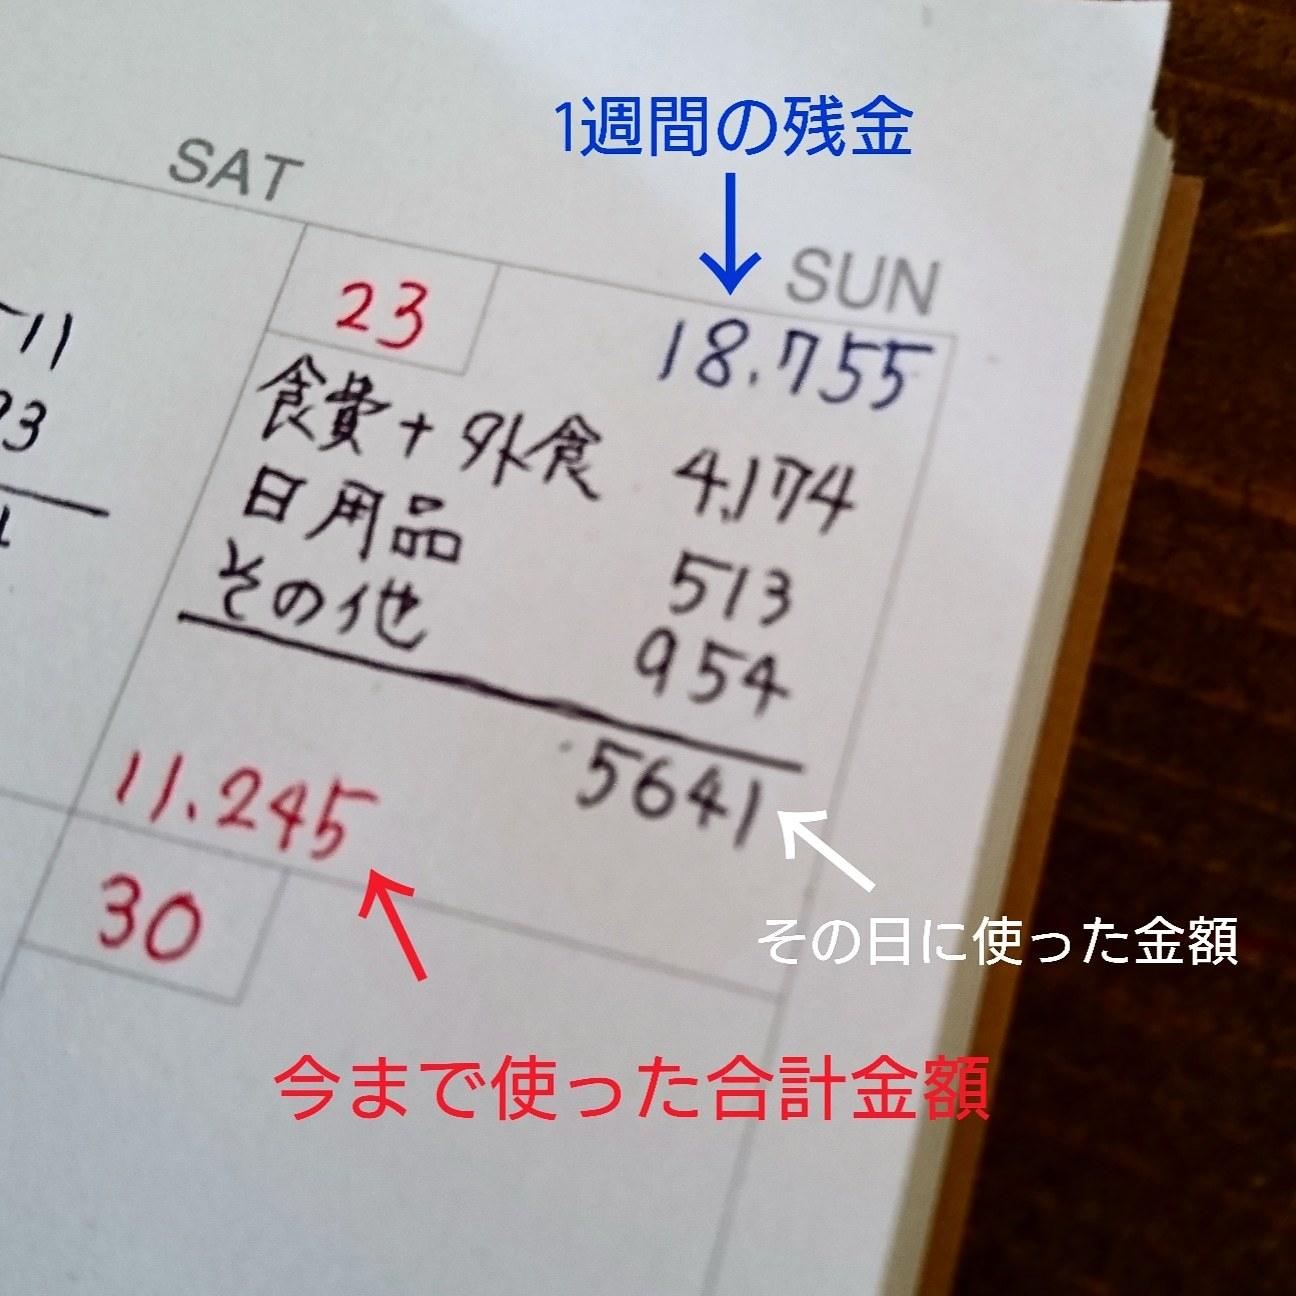 ++無印のノート・マンスリーを使って暮らしの見直し*++_e0354456_15011882.jpg